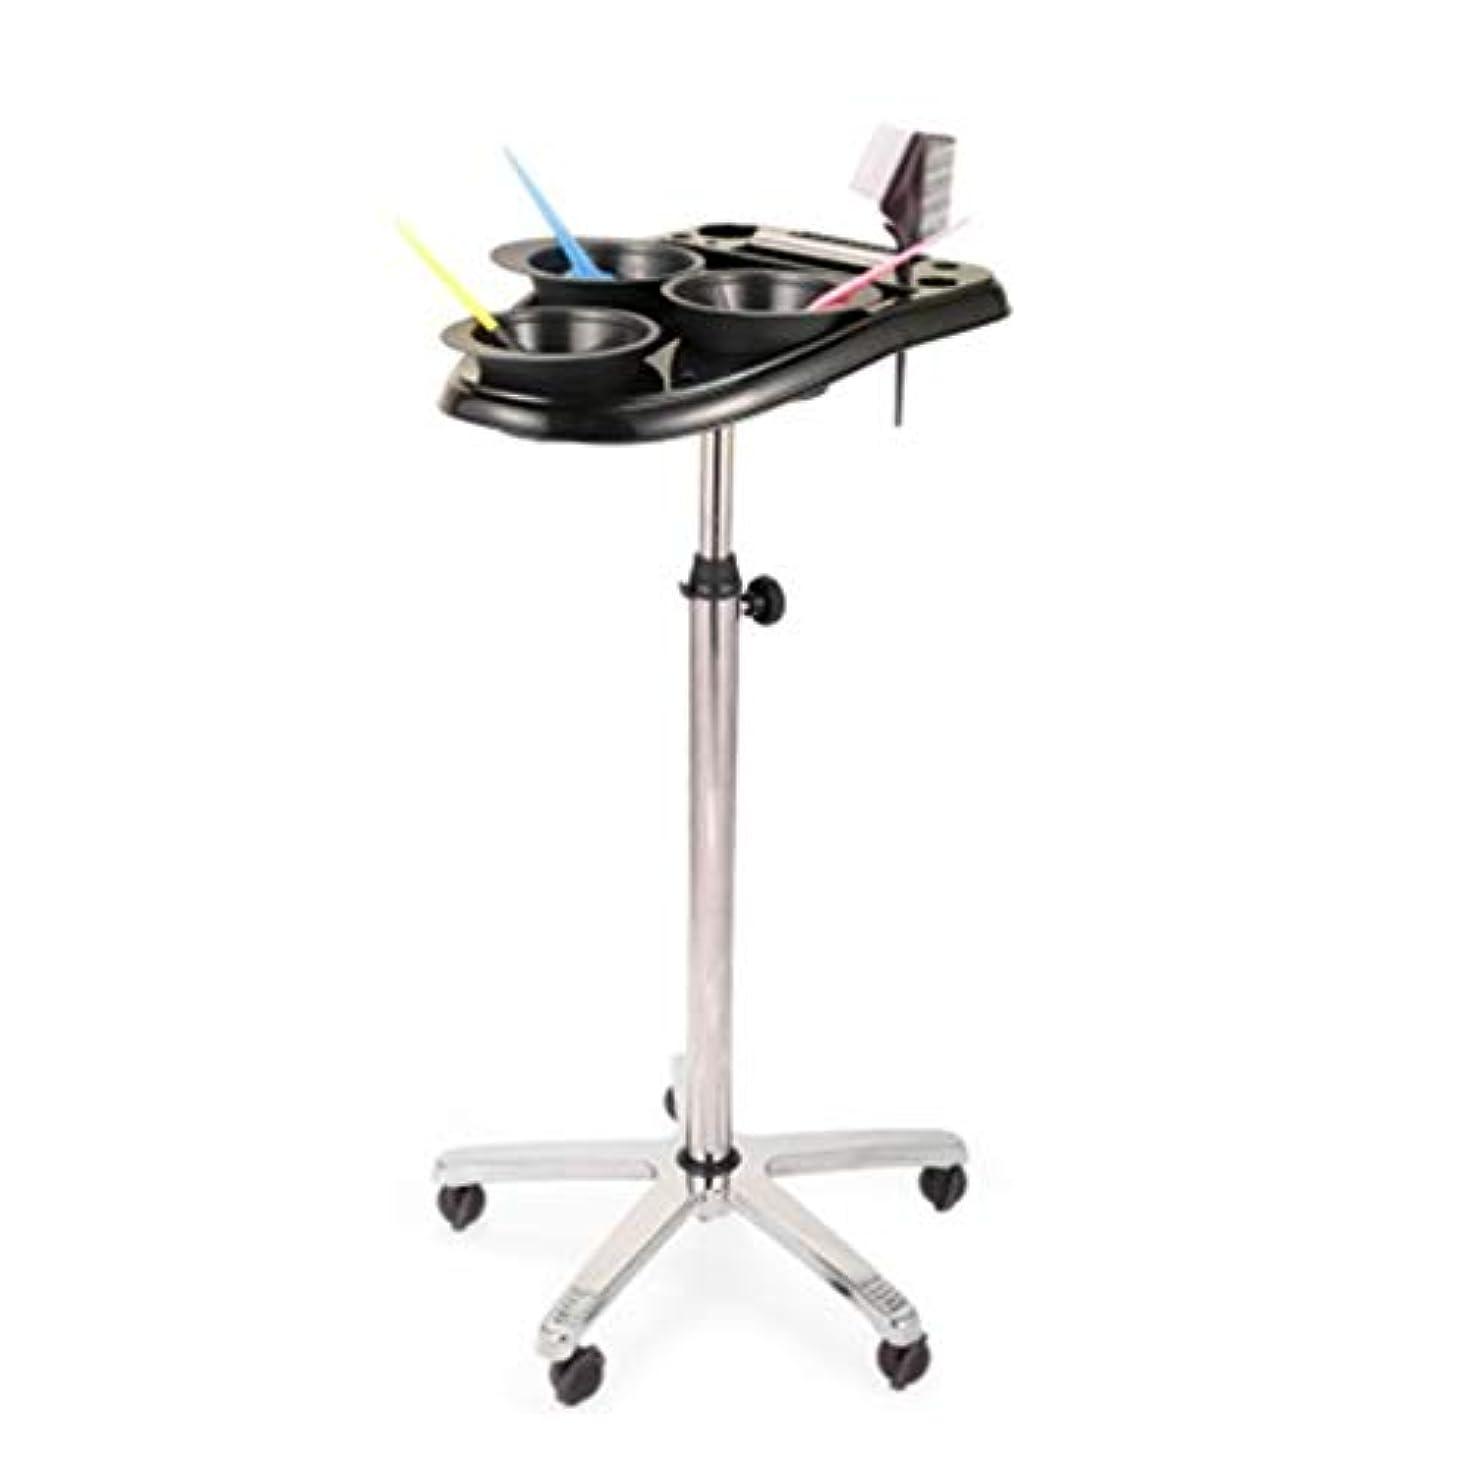 苦痛小数サバントサロントロリー3染料ボウルローリングサロンモバイルヘアサロン楽器トレイ調節可能な高さトロリーサロン美容ヘアサービスツール